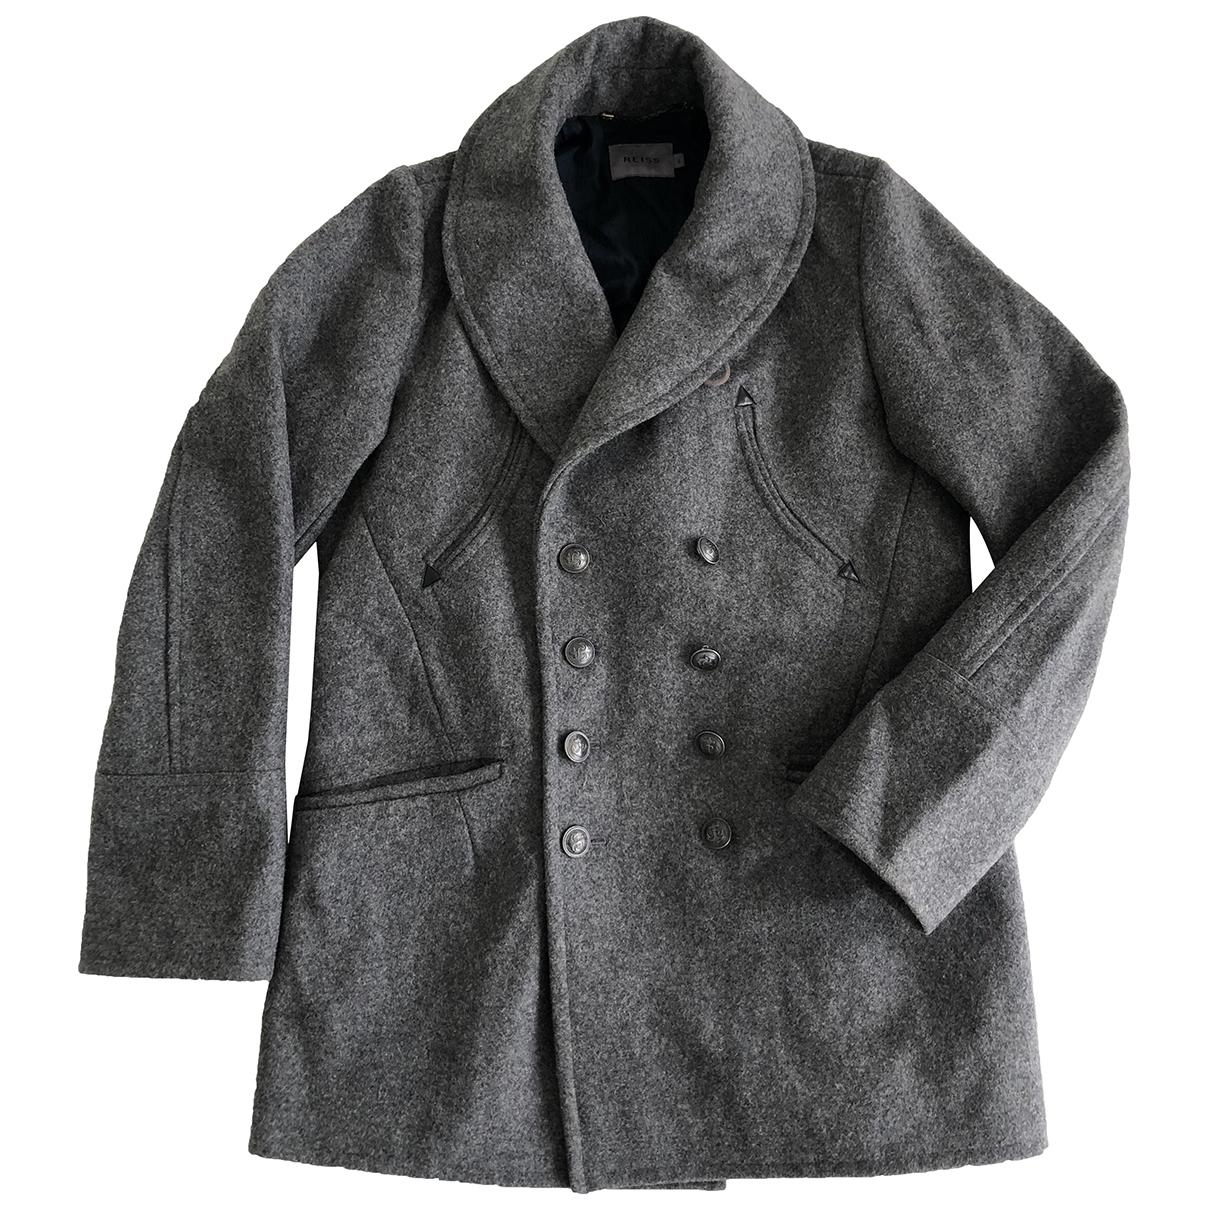 Reiss - Manteau   pour homme en laine - gris